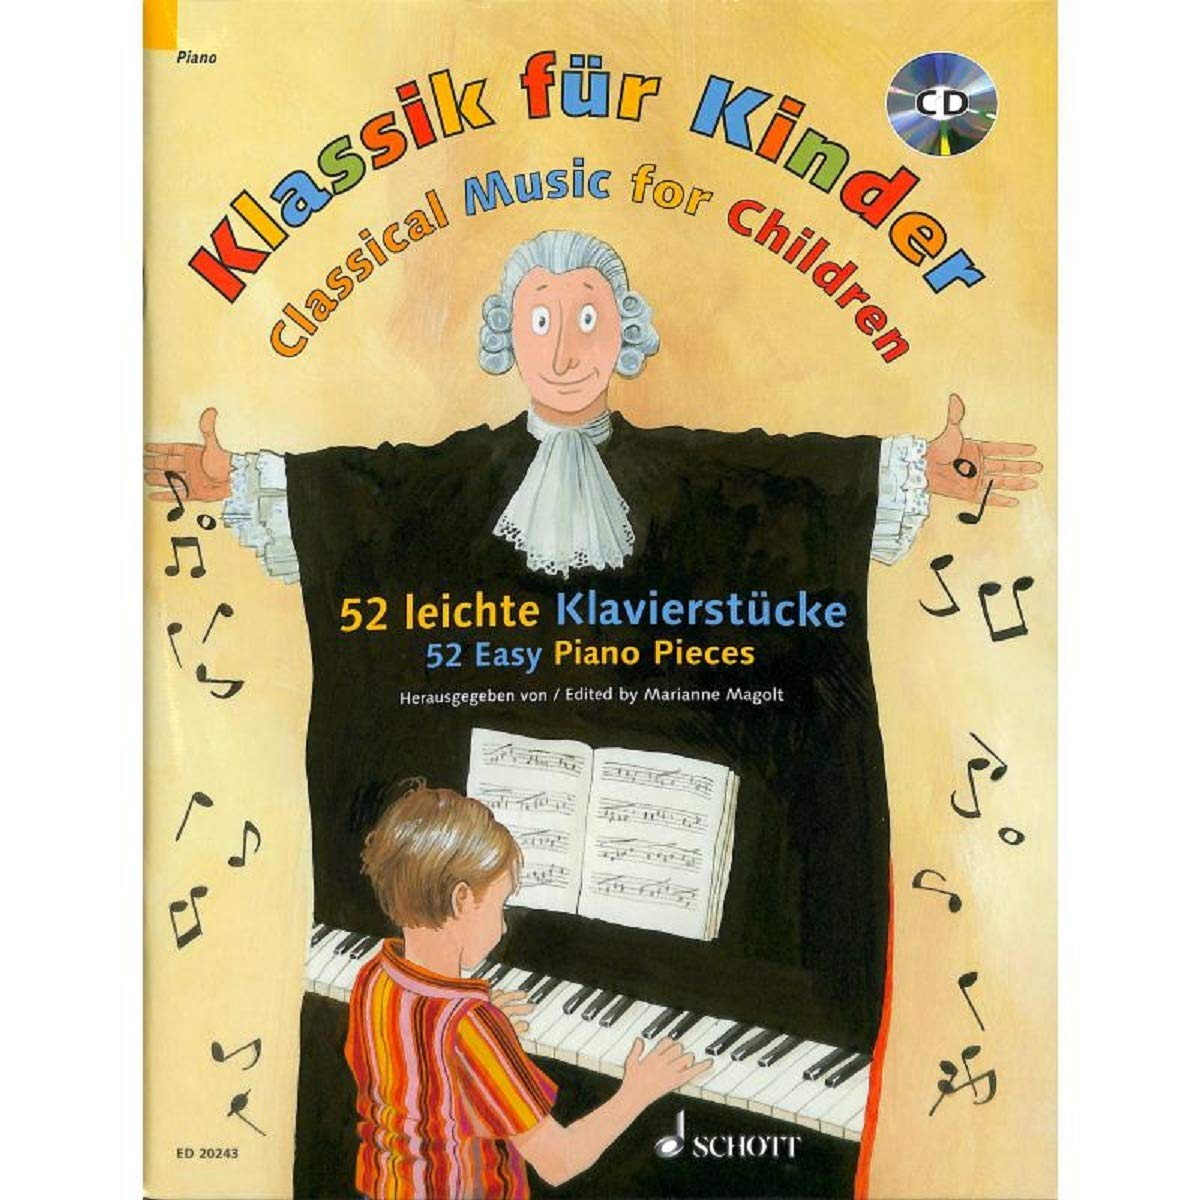 Classique pour les enfants - 52 Piano morceaux - Sélectionné pour ...